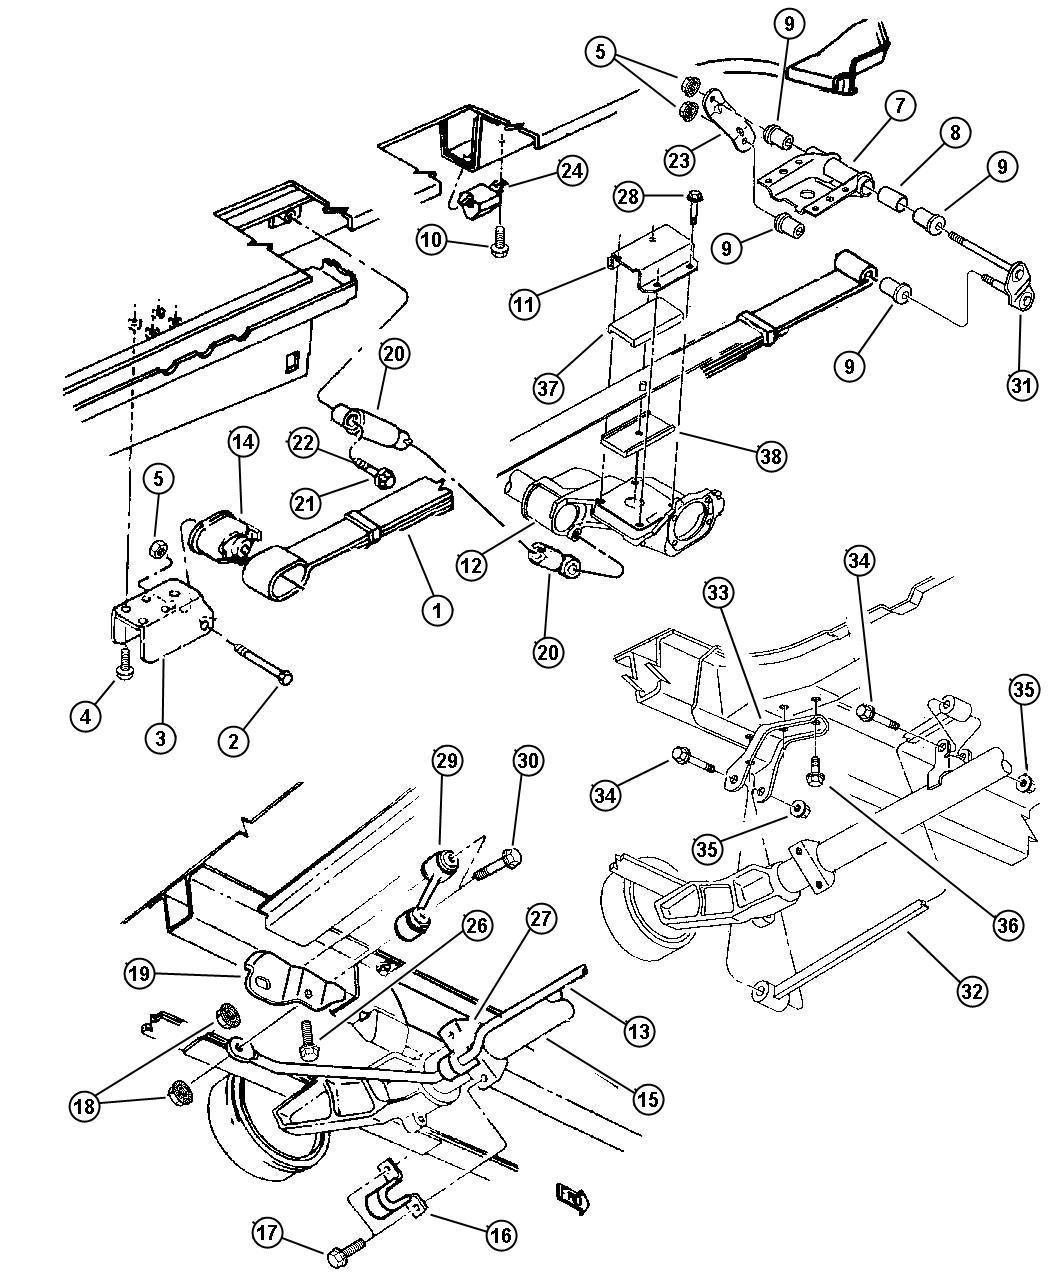 2000 Chrysler Grand Voyager Shock absorber. Suspension